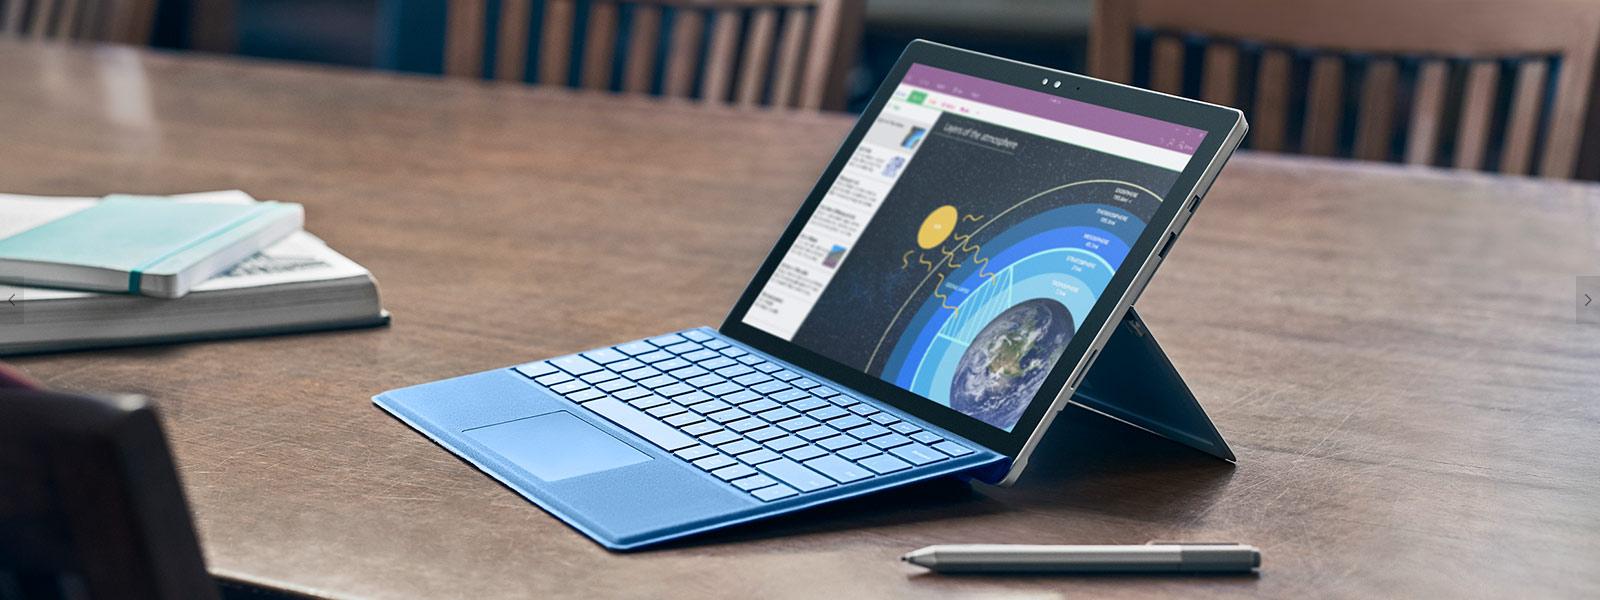 Surface Studio im Studio-Modus mit Surface-Stift und Maus.